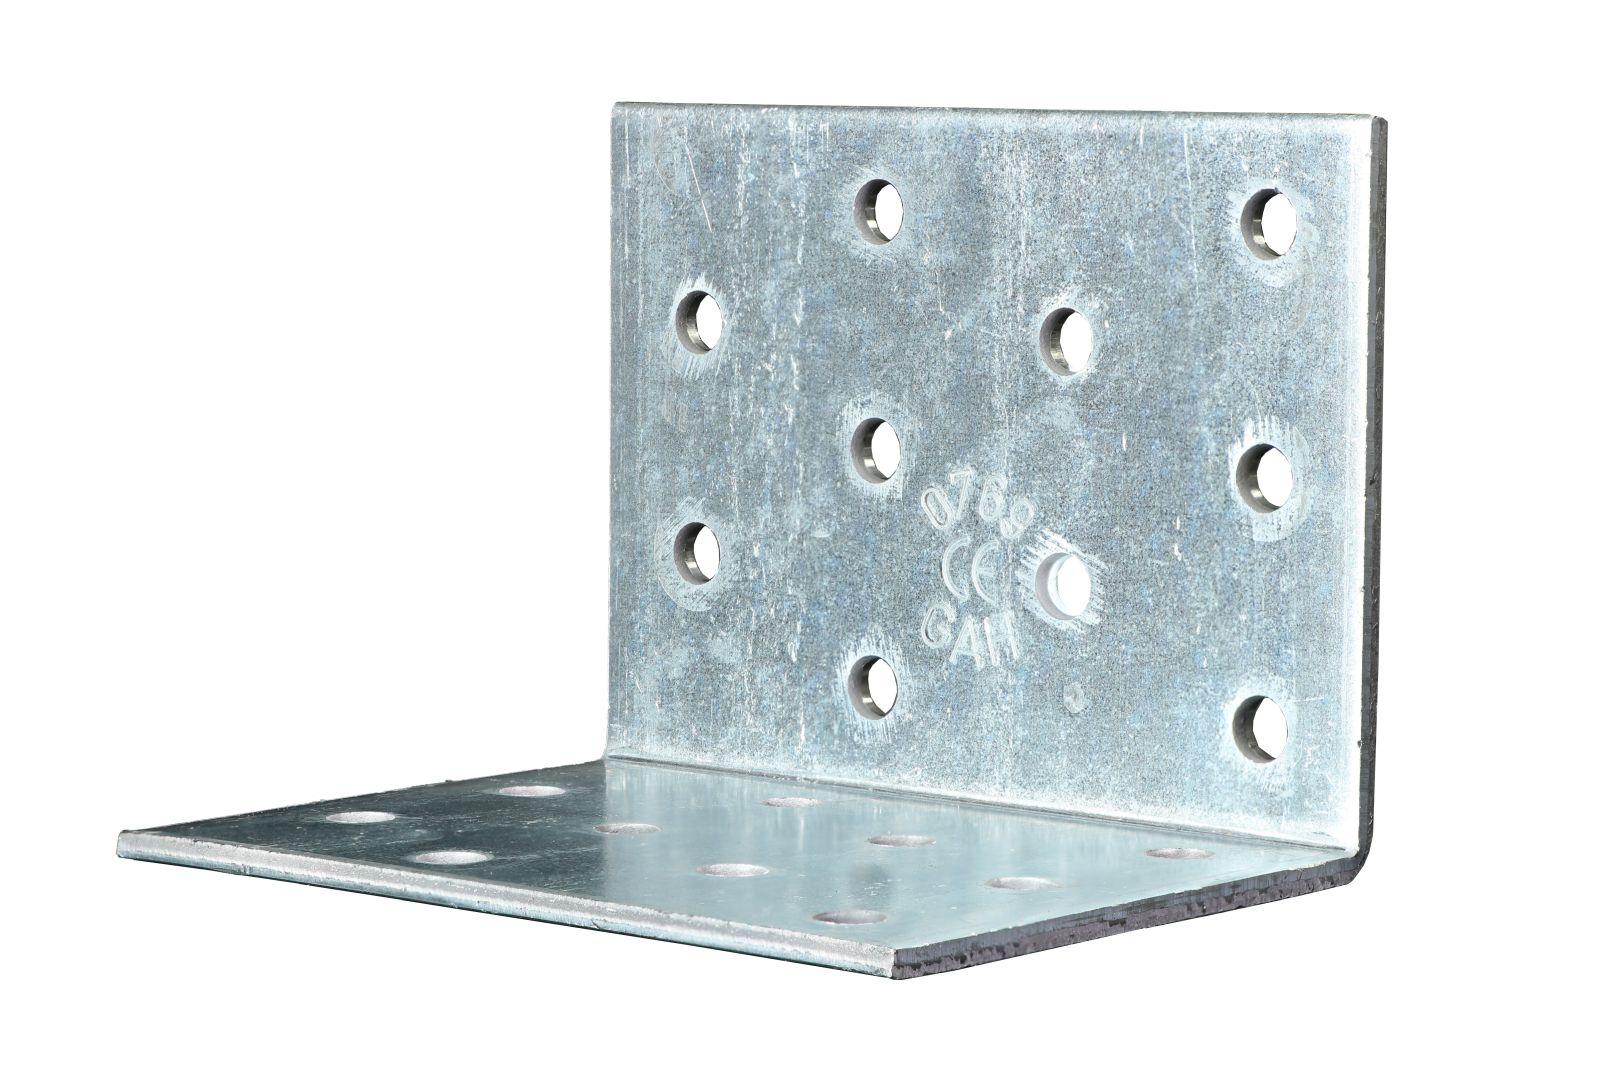 GAH Lochplattenwinkel, Winkelverbinder, sendzimirverzinkt, 60 x 60 x 80 mm, Stärke: 2,5 mm